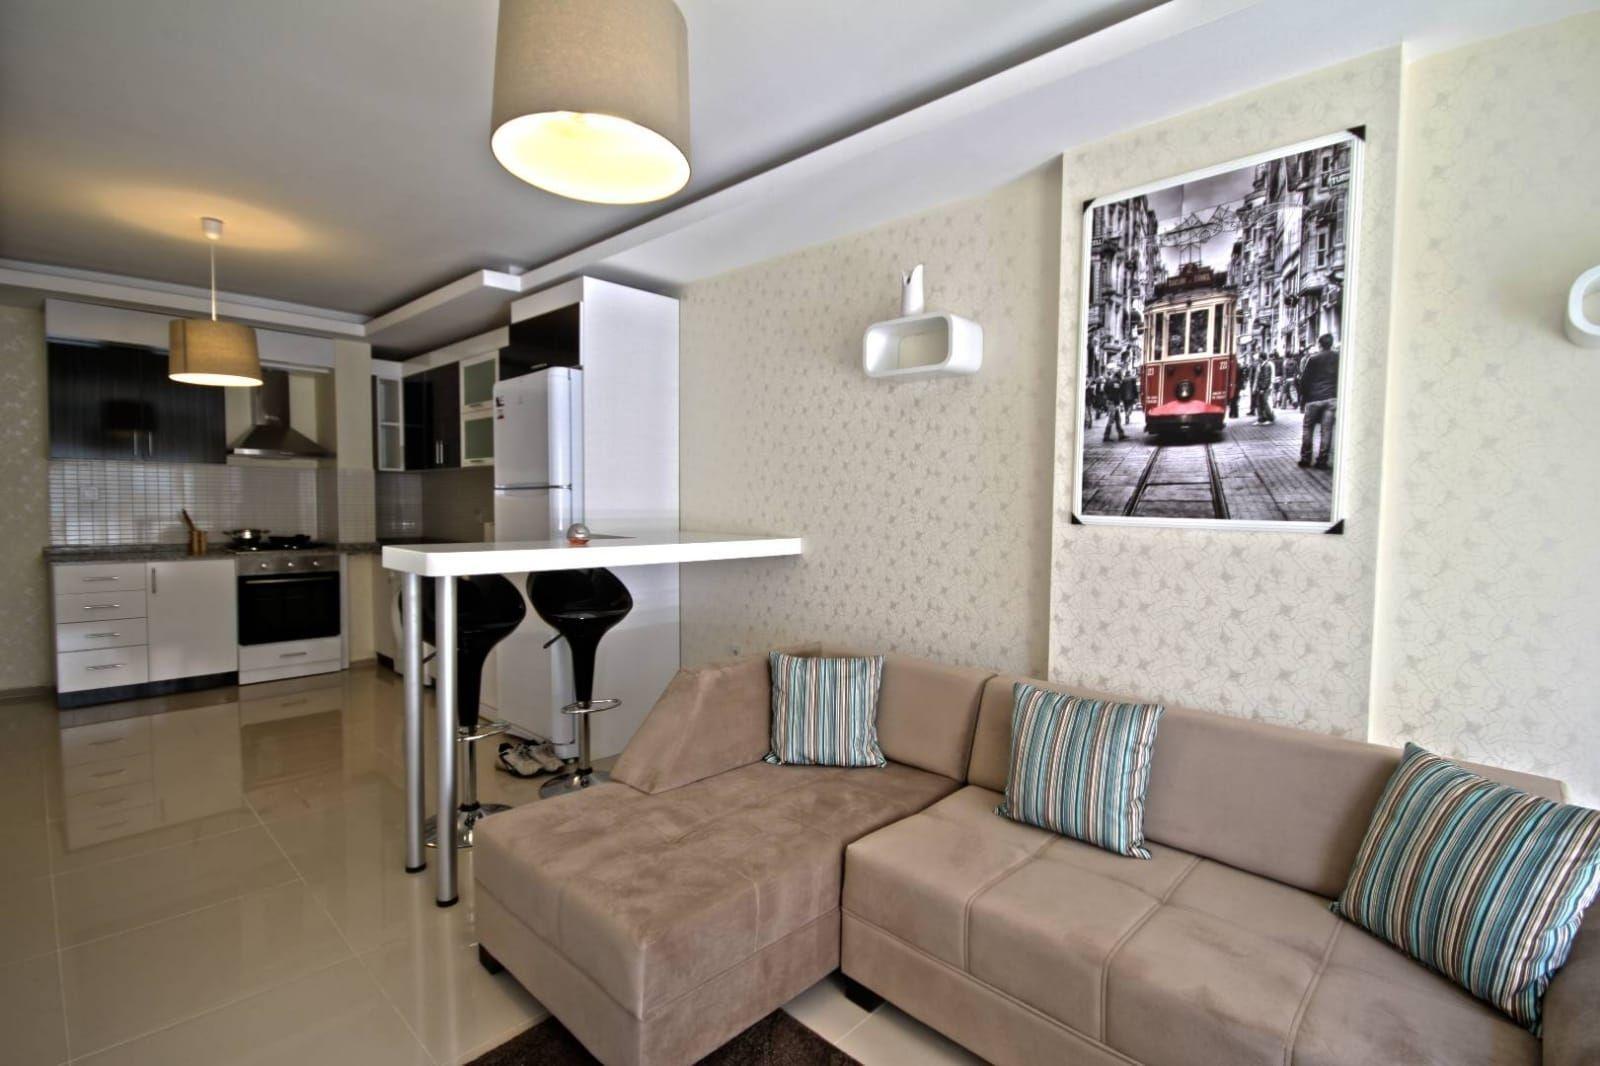 Квартира 1+1 — Анталия, недвижимость в Турции